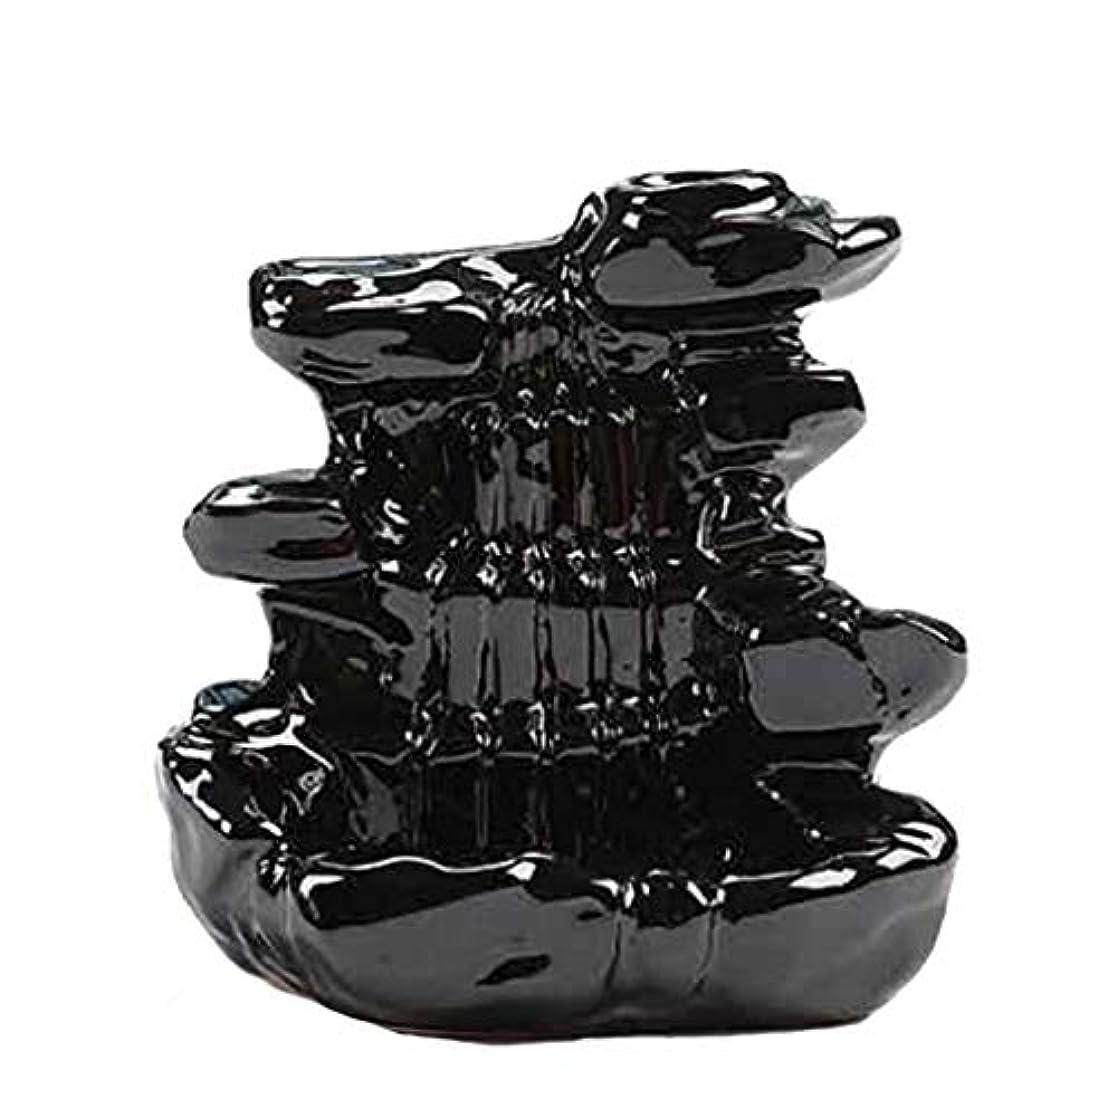 芳香器?アロマバーナー 家の装飾逆流香バーナーセラミックコーン滝香ホルダー仏教香炉 アロマバーナー芳香器 (Color : B)